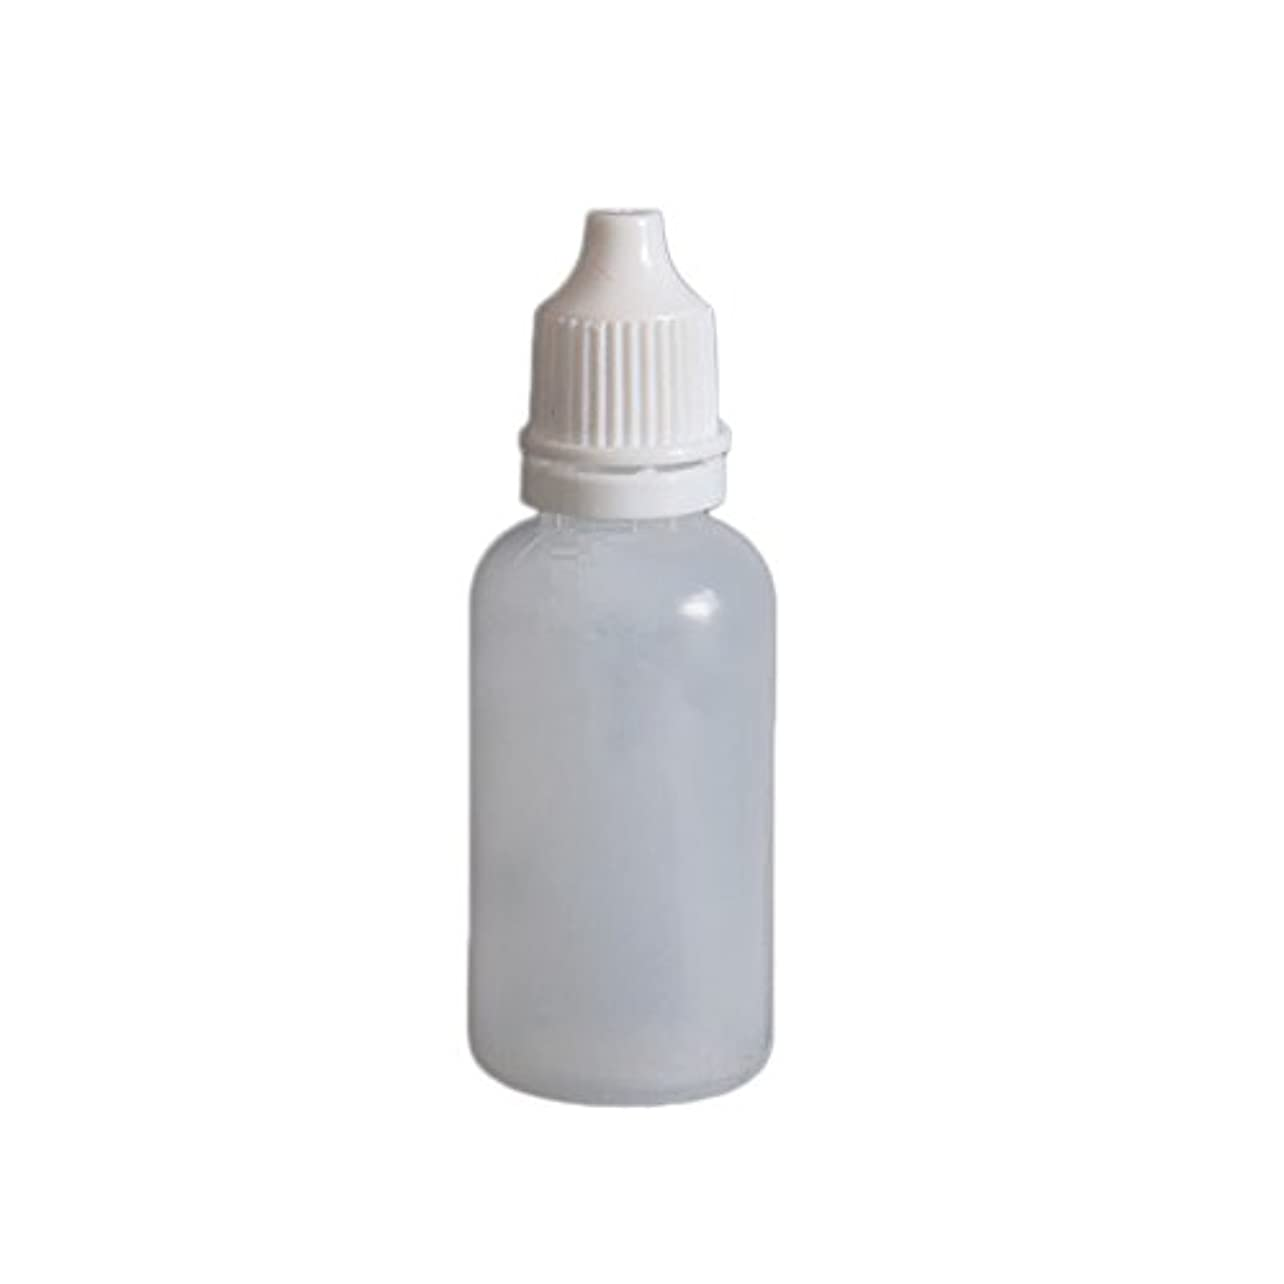 使役病な乞食Grandmart プラスチックスポイト瓶 目薬スポイト瓶 ドロッパーボトル スポイトタイプ容器点眼 滴瓶 10個セット